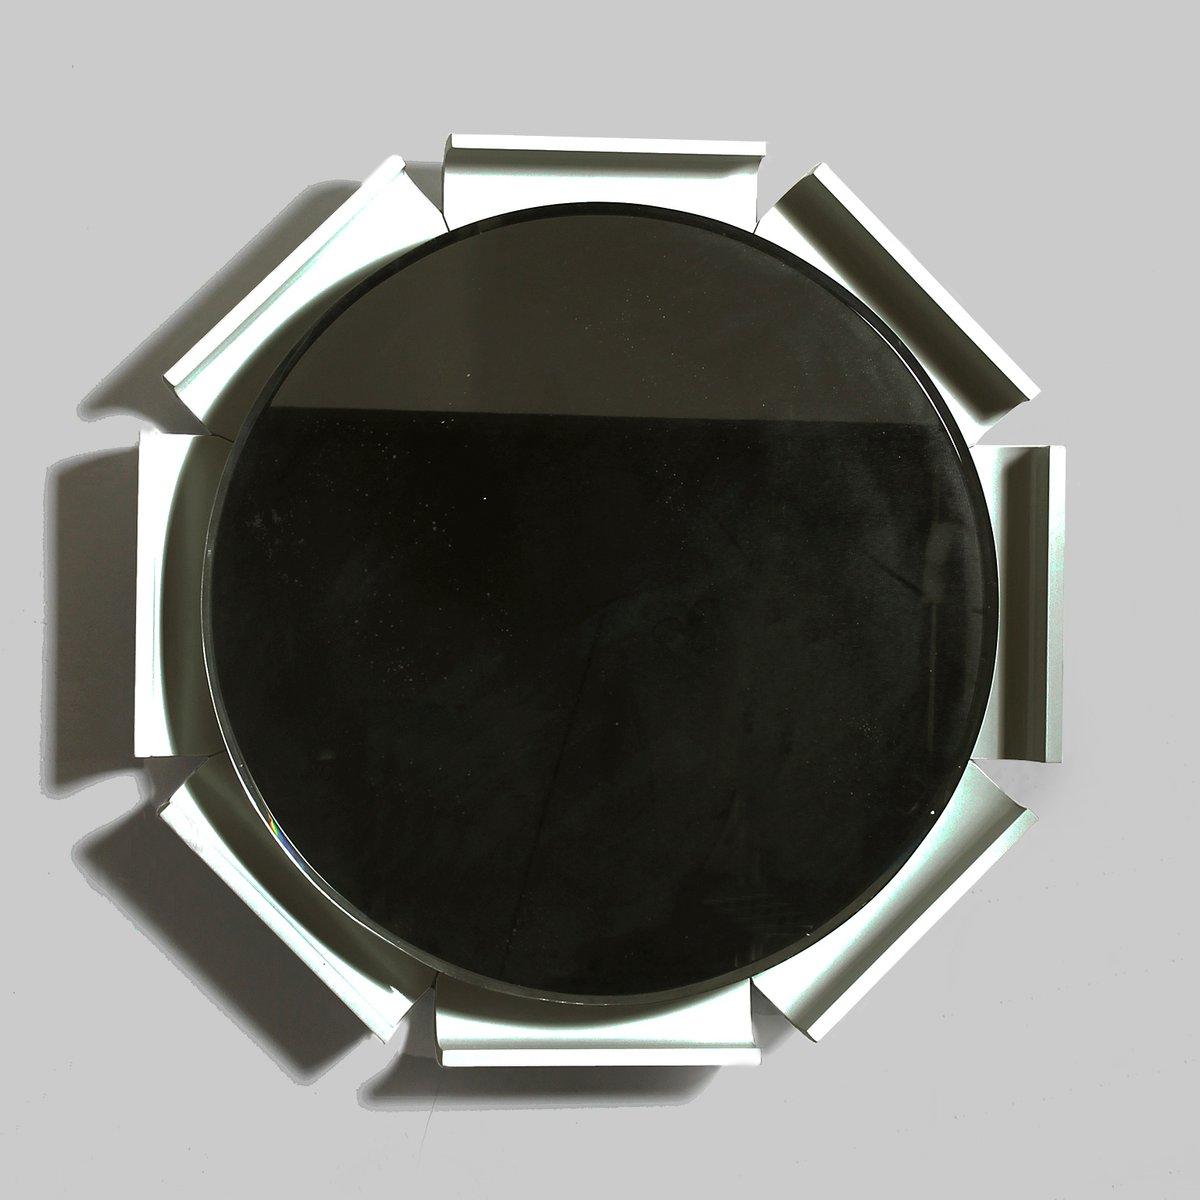 abgeschr gter hinterleuchteter italienischer spiegel 1960er bei pamono kaufen. Black Bedroom Furniture Sets. Home Design Ideas